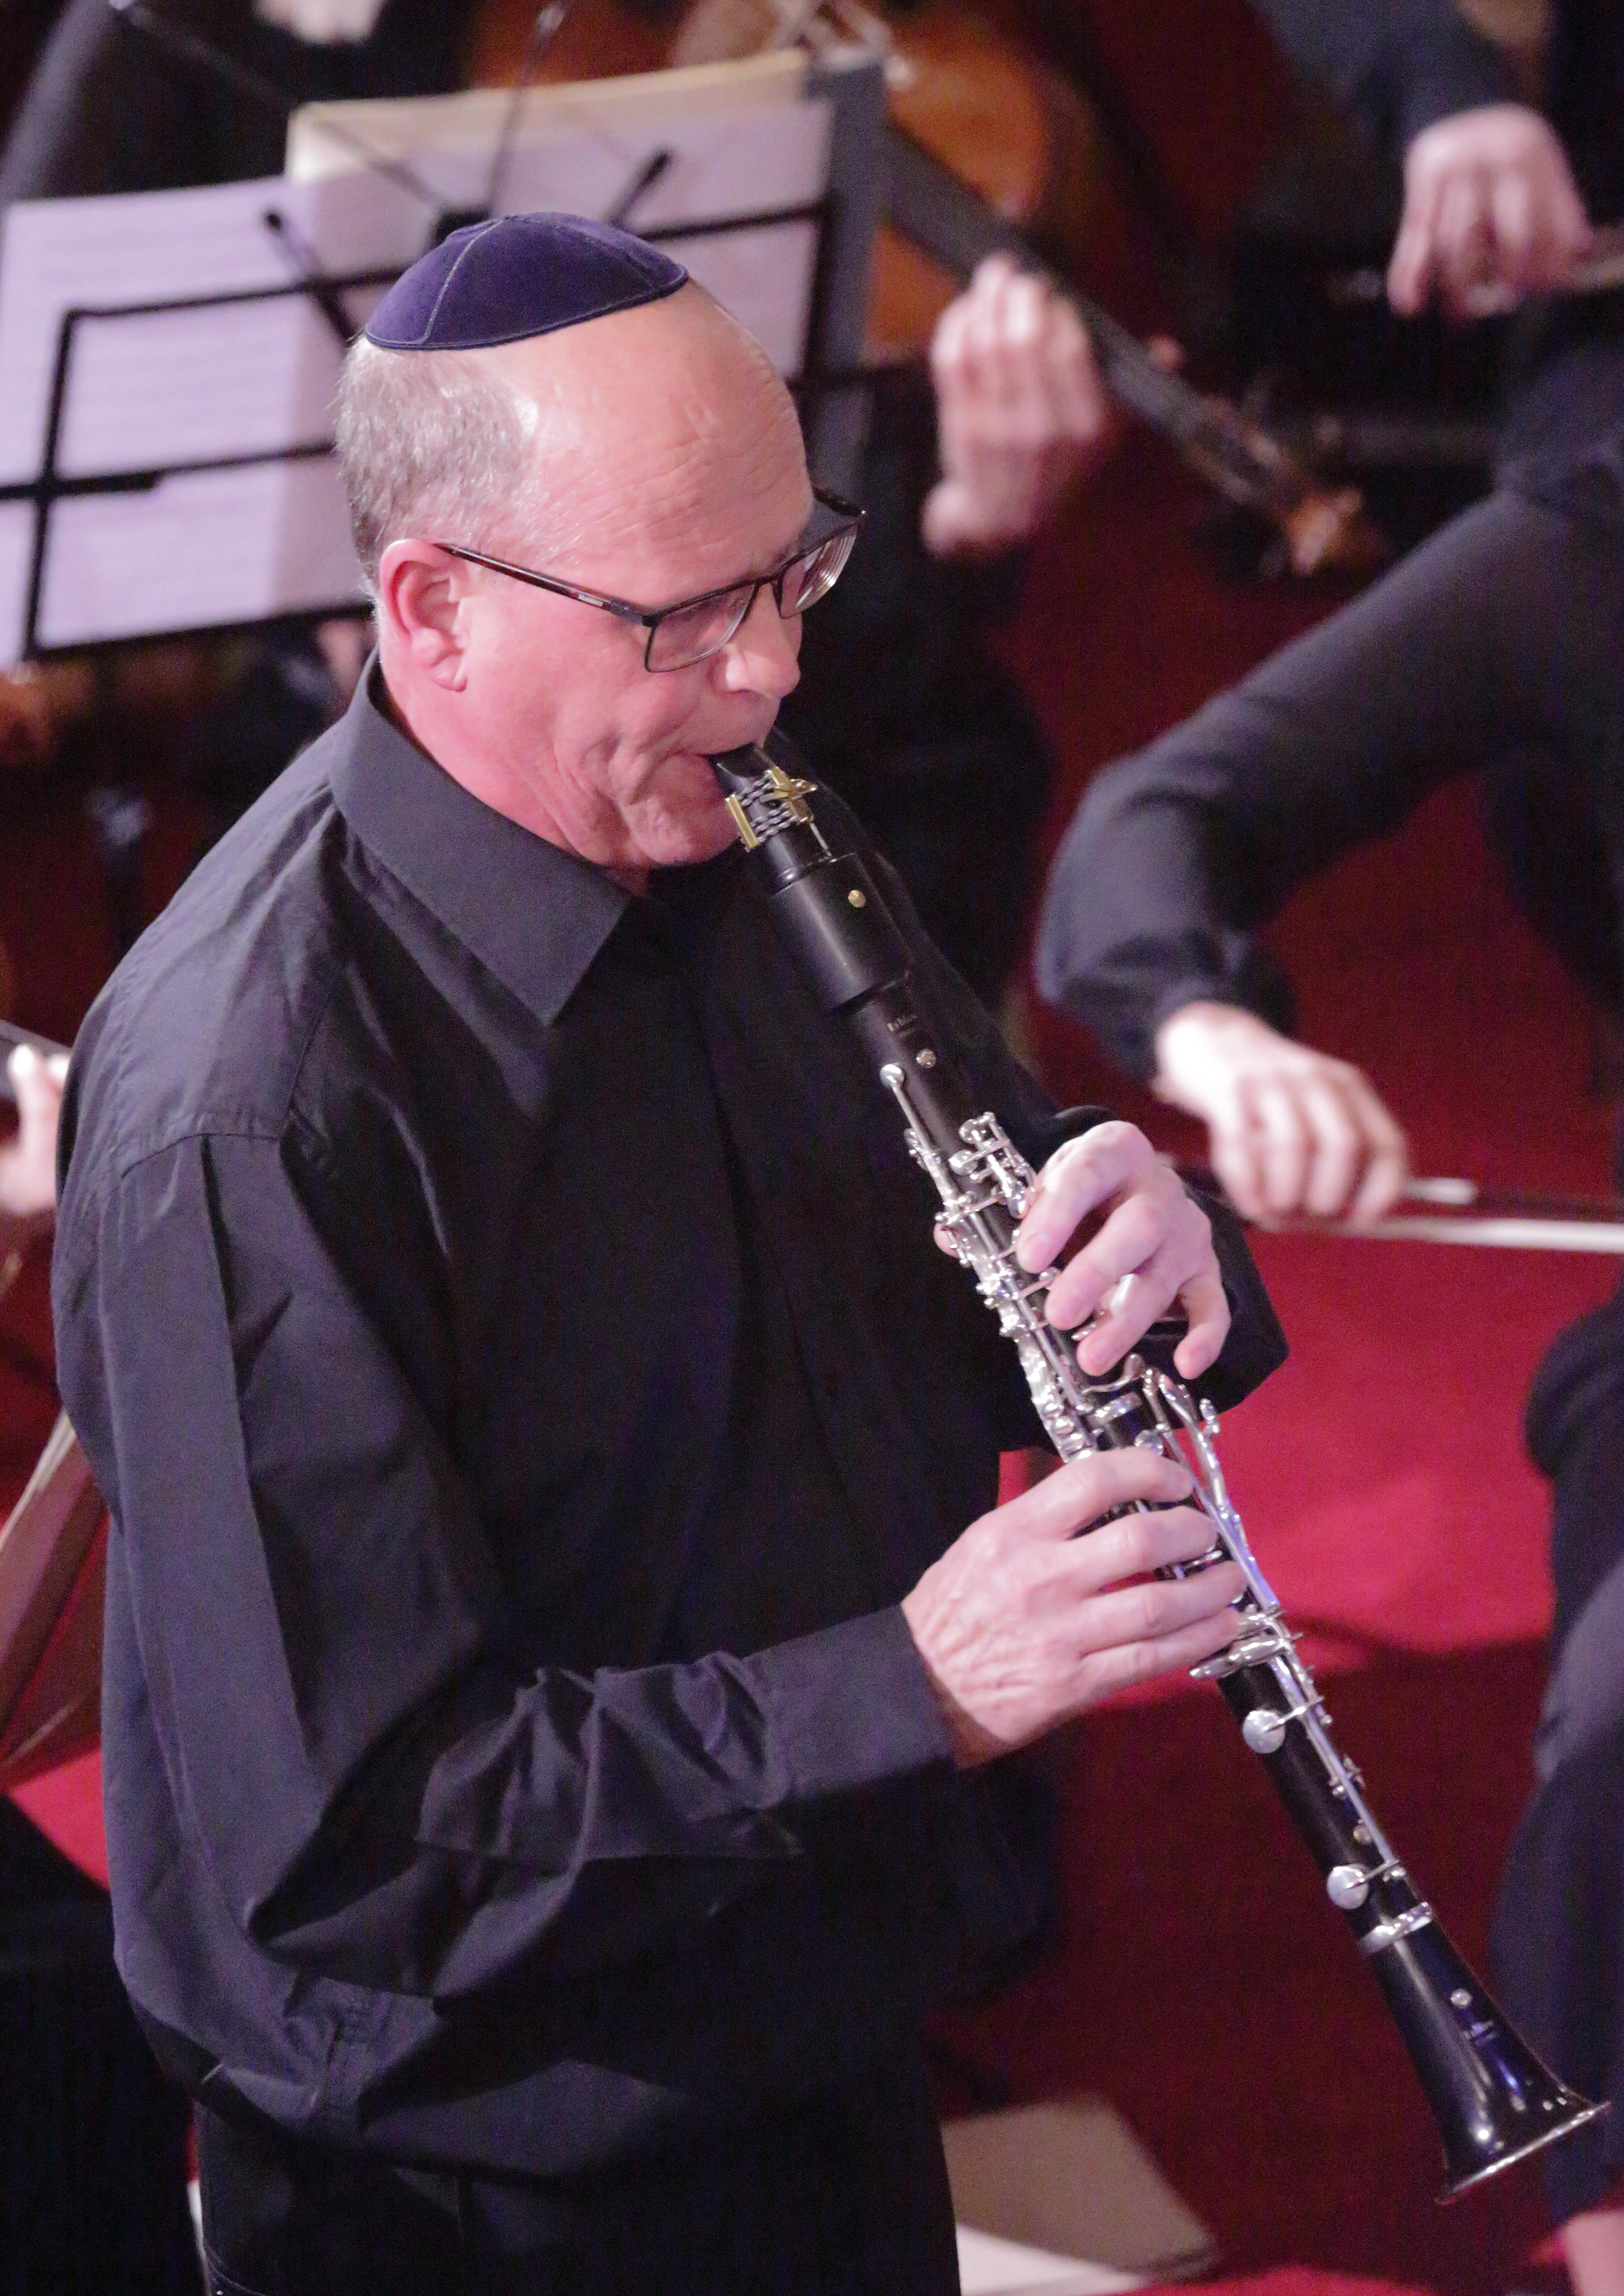 Liverpool Mozart Orchestra 18.11.17  Princes Rd Synagogue  2Q1A6669